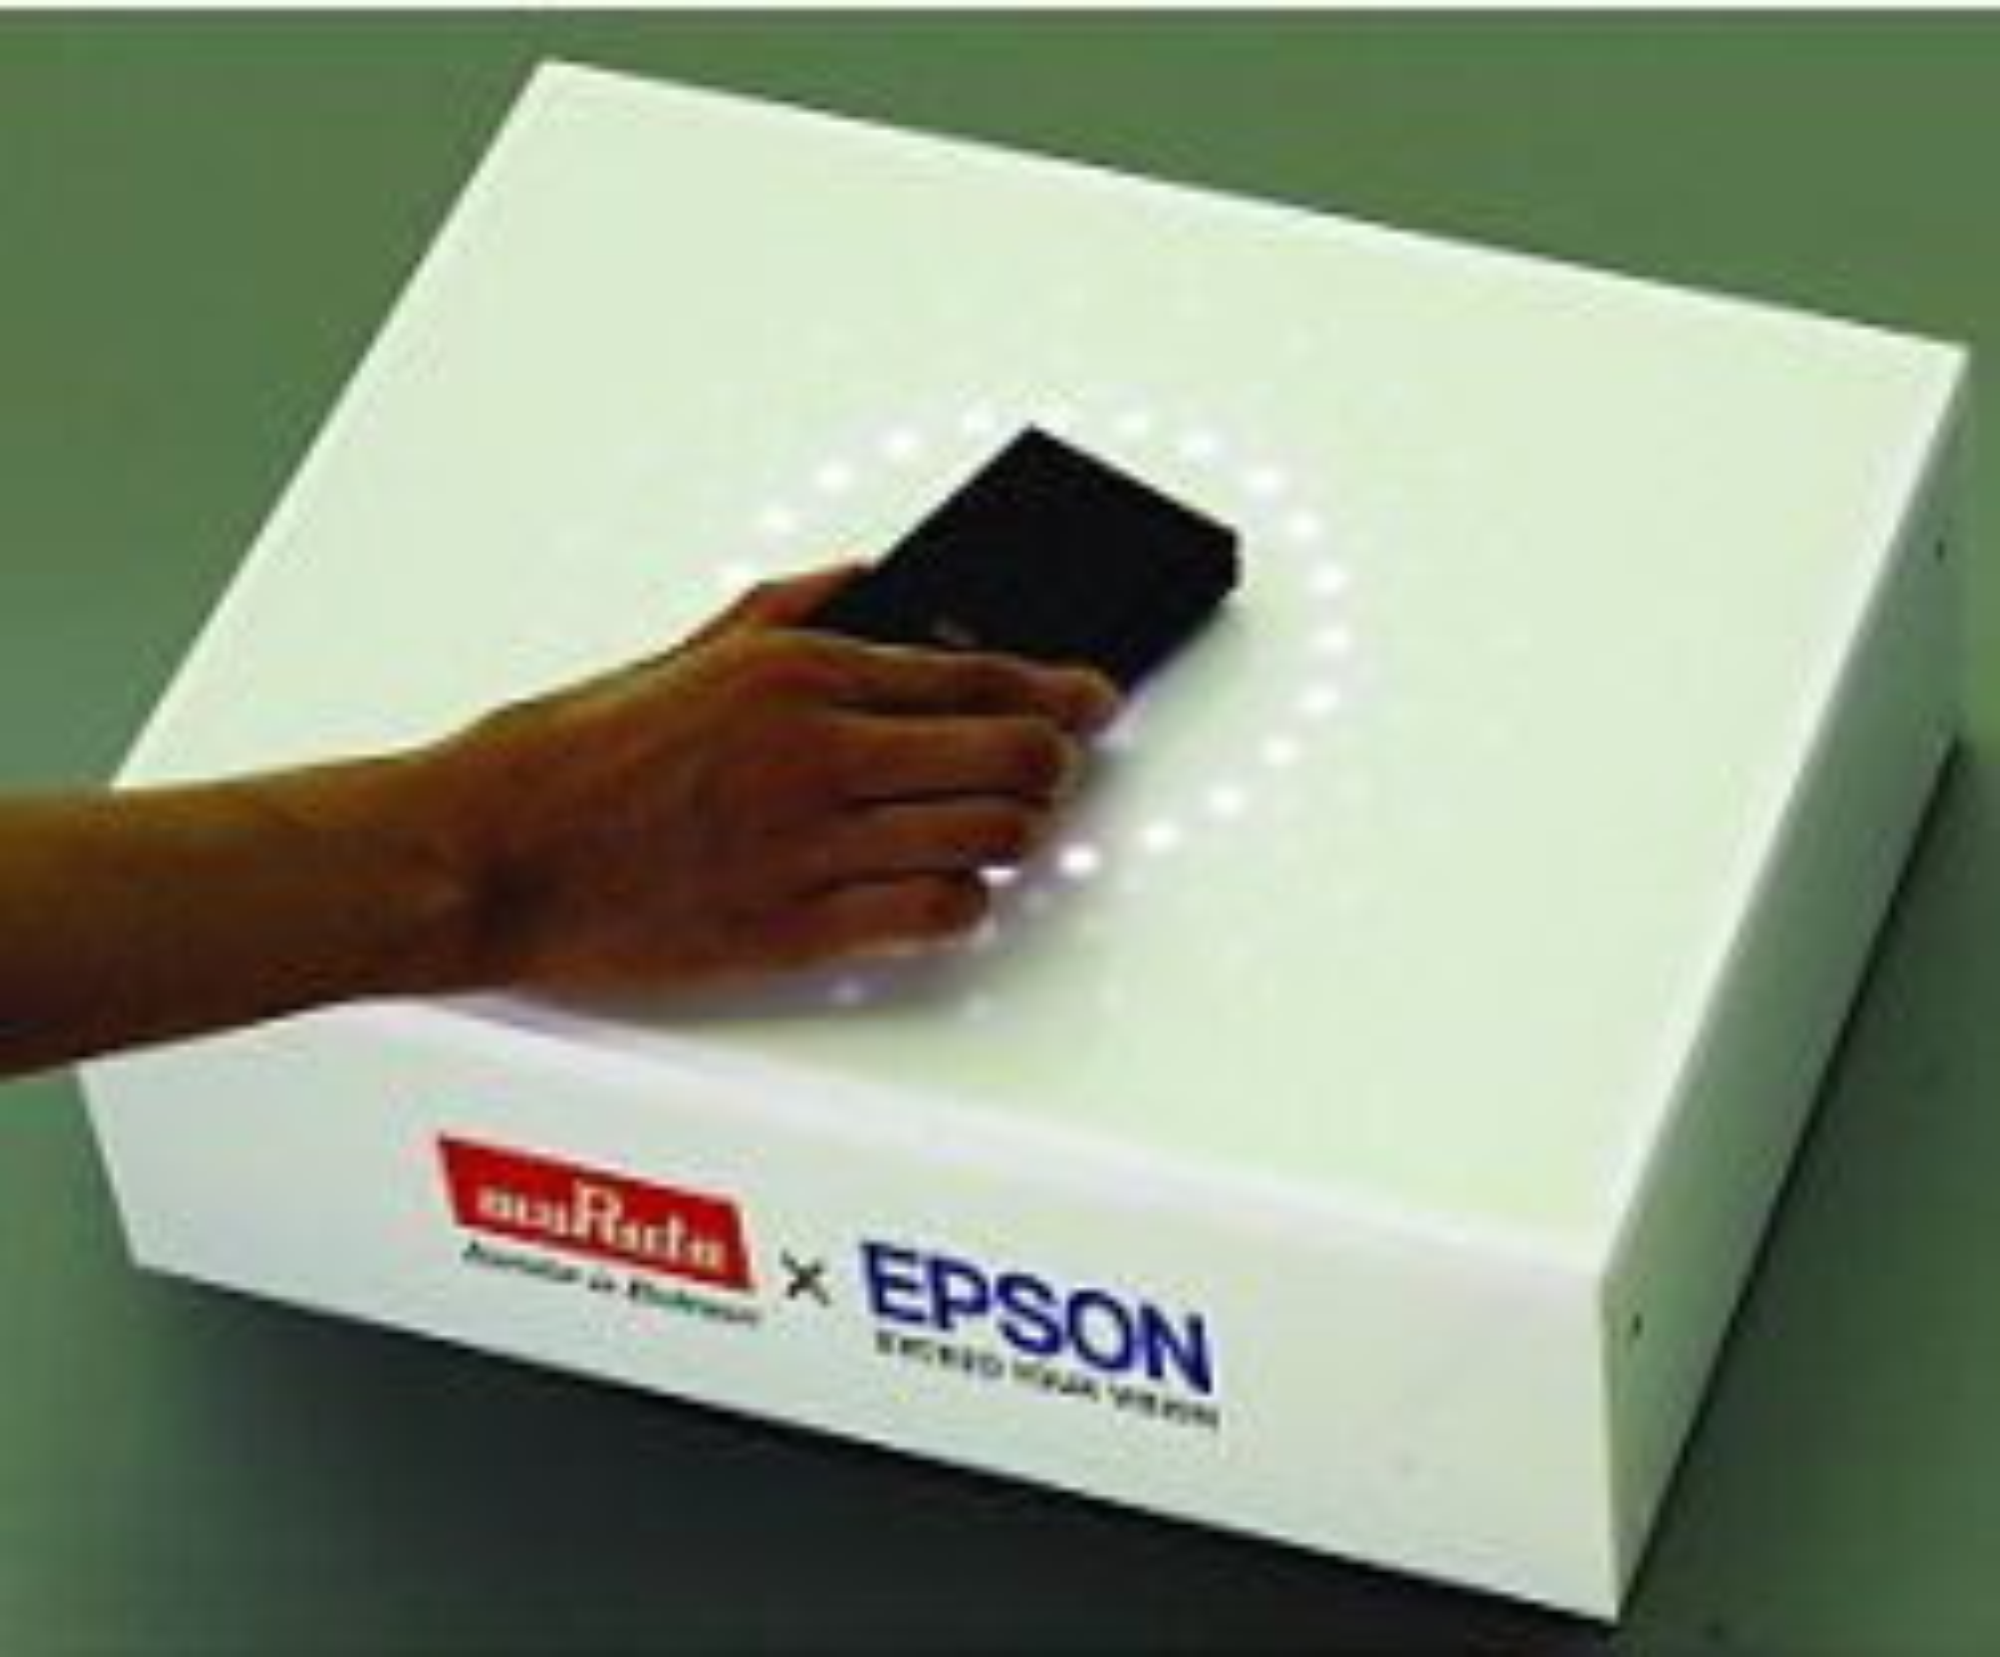 Induksjonsladingsboksen lar deg legge en mobil på toppen som lades uten ledninger på under 15 minutter.